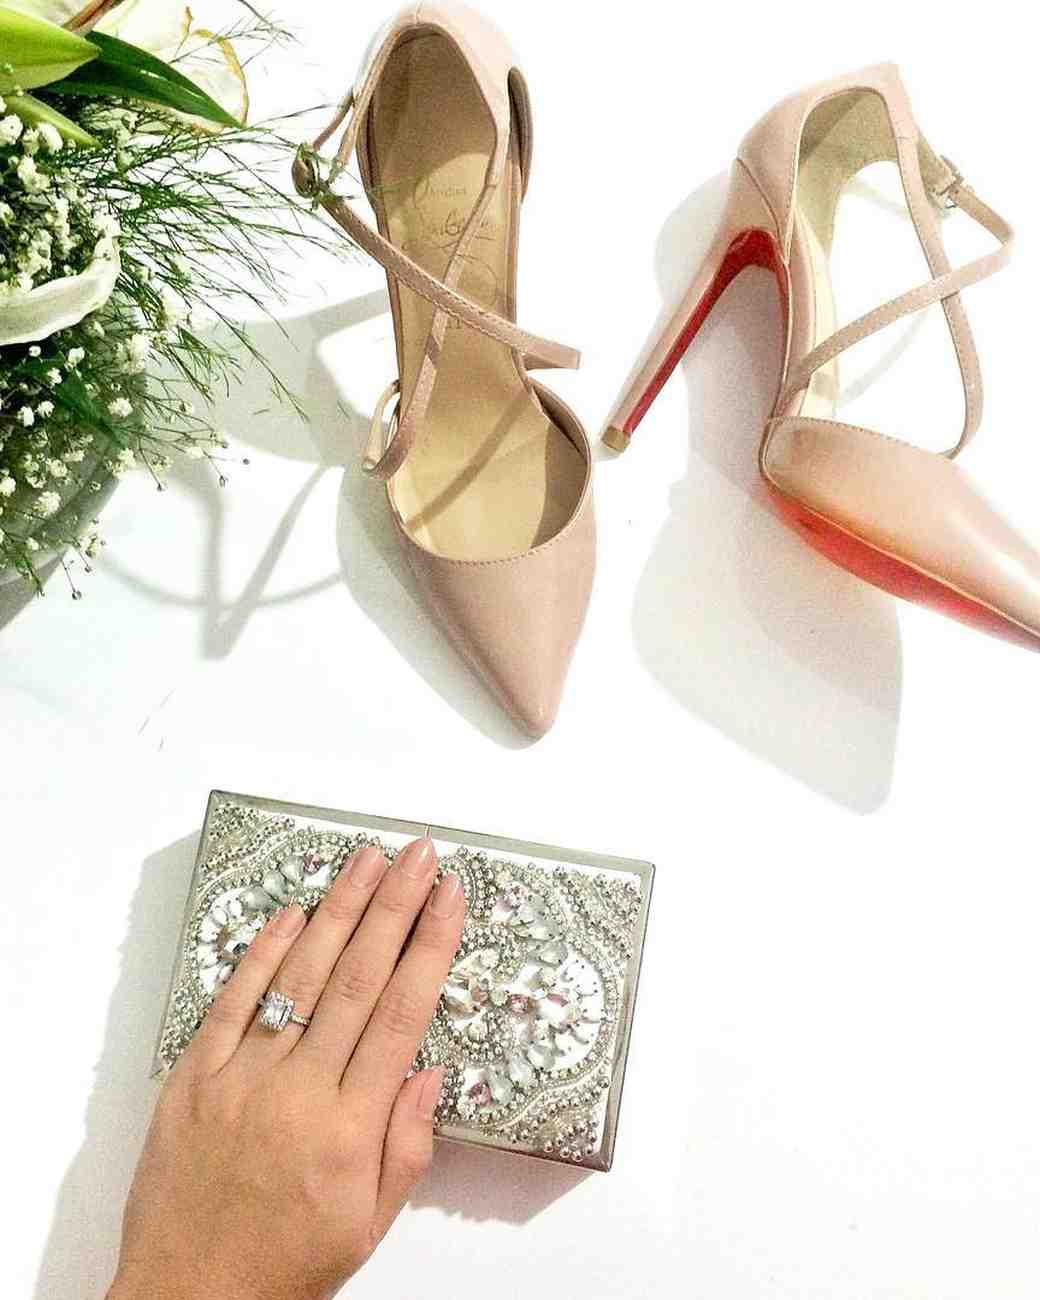 engagement-ring-selfies-heels-bag-flowers-0216.jpg